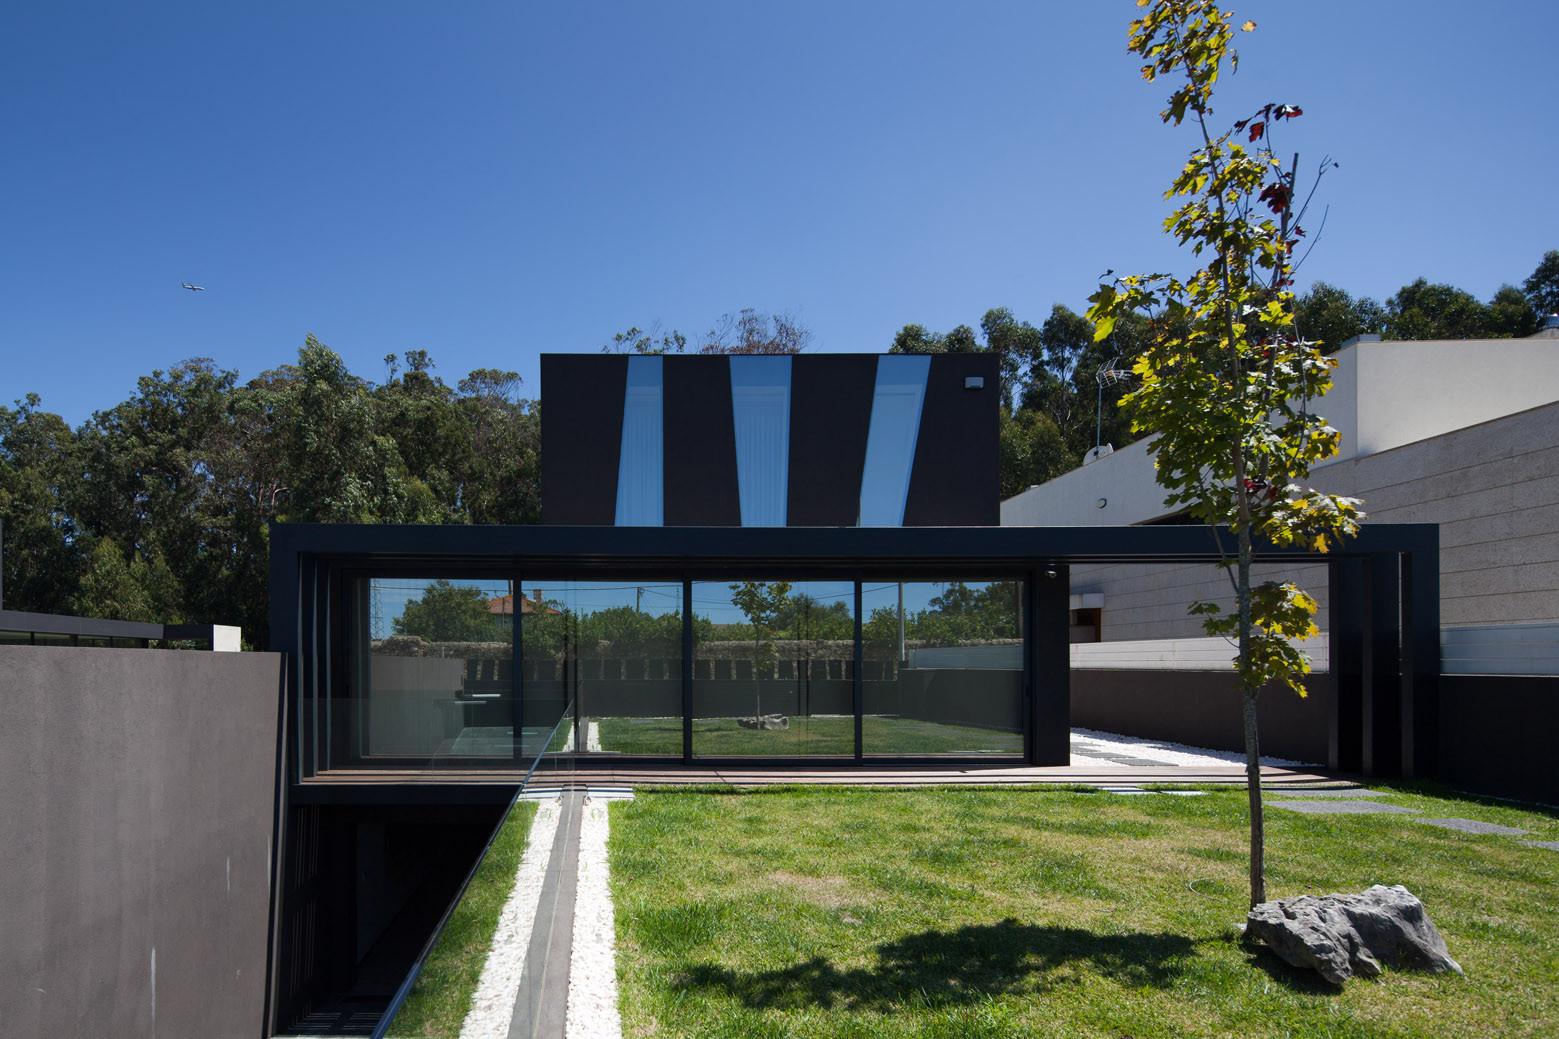 Fábio Coentrão House / António Fernandez Architects, © Jose Campos